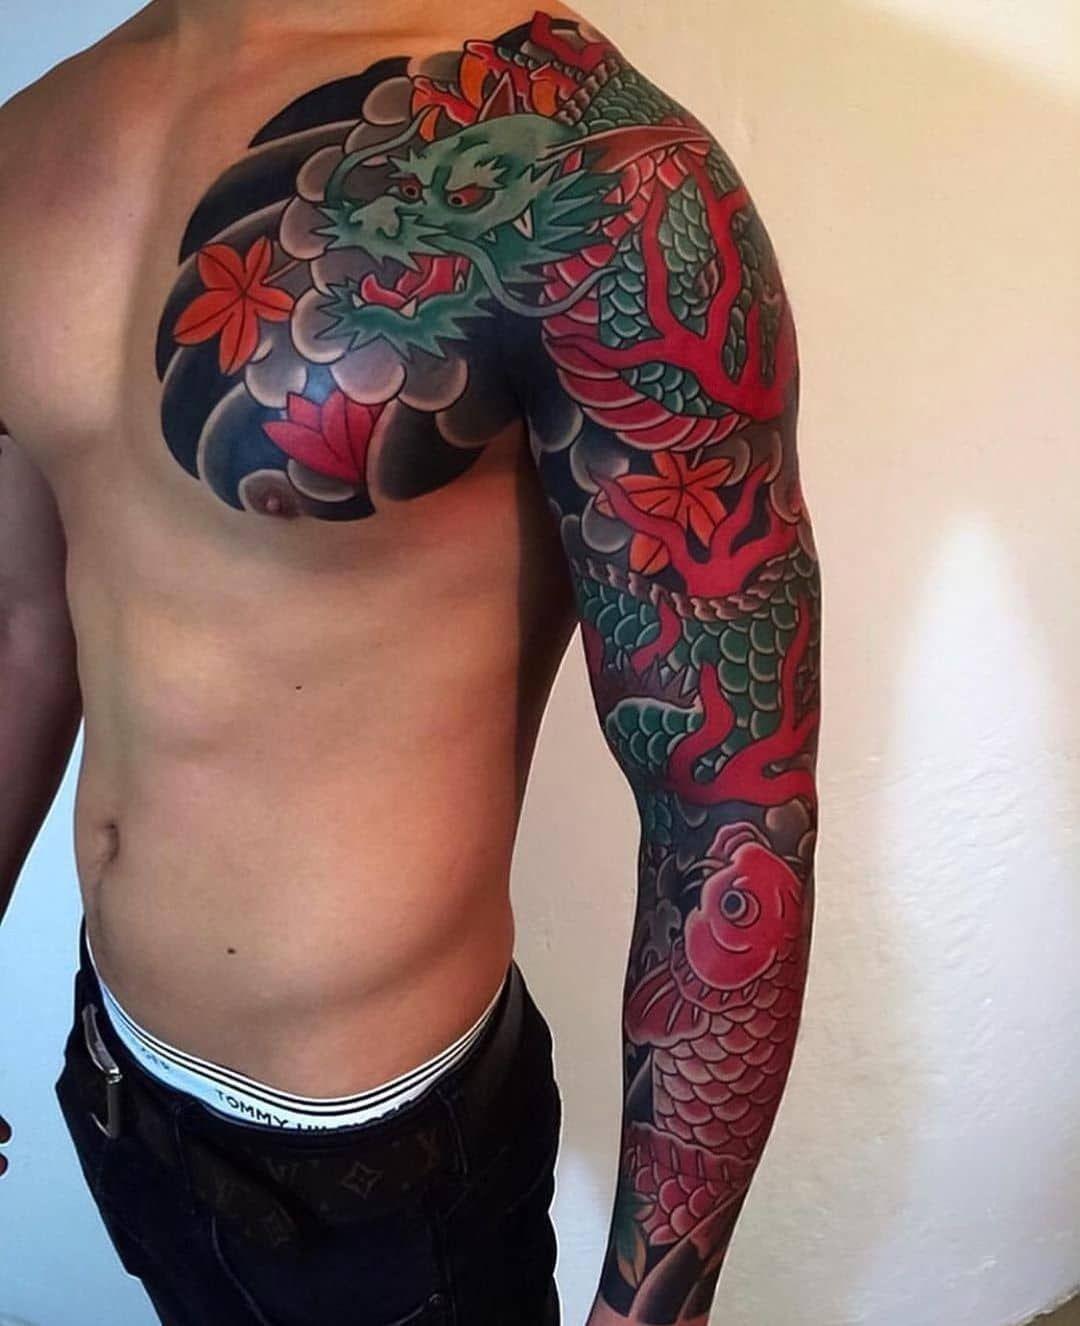 colorful tattoos Elegir el diseñi delaware un tatuaje no siempre es lo m